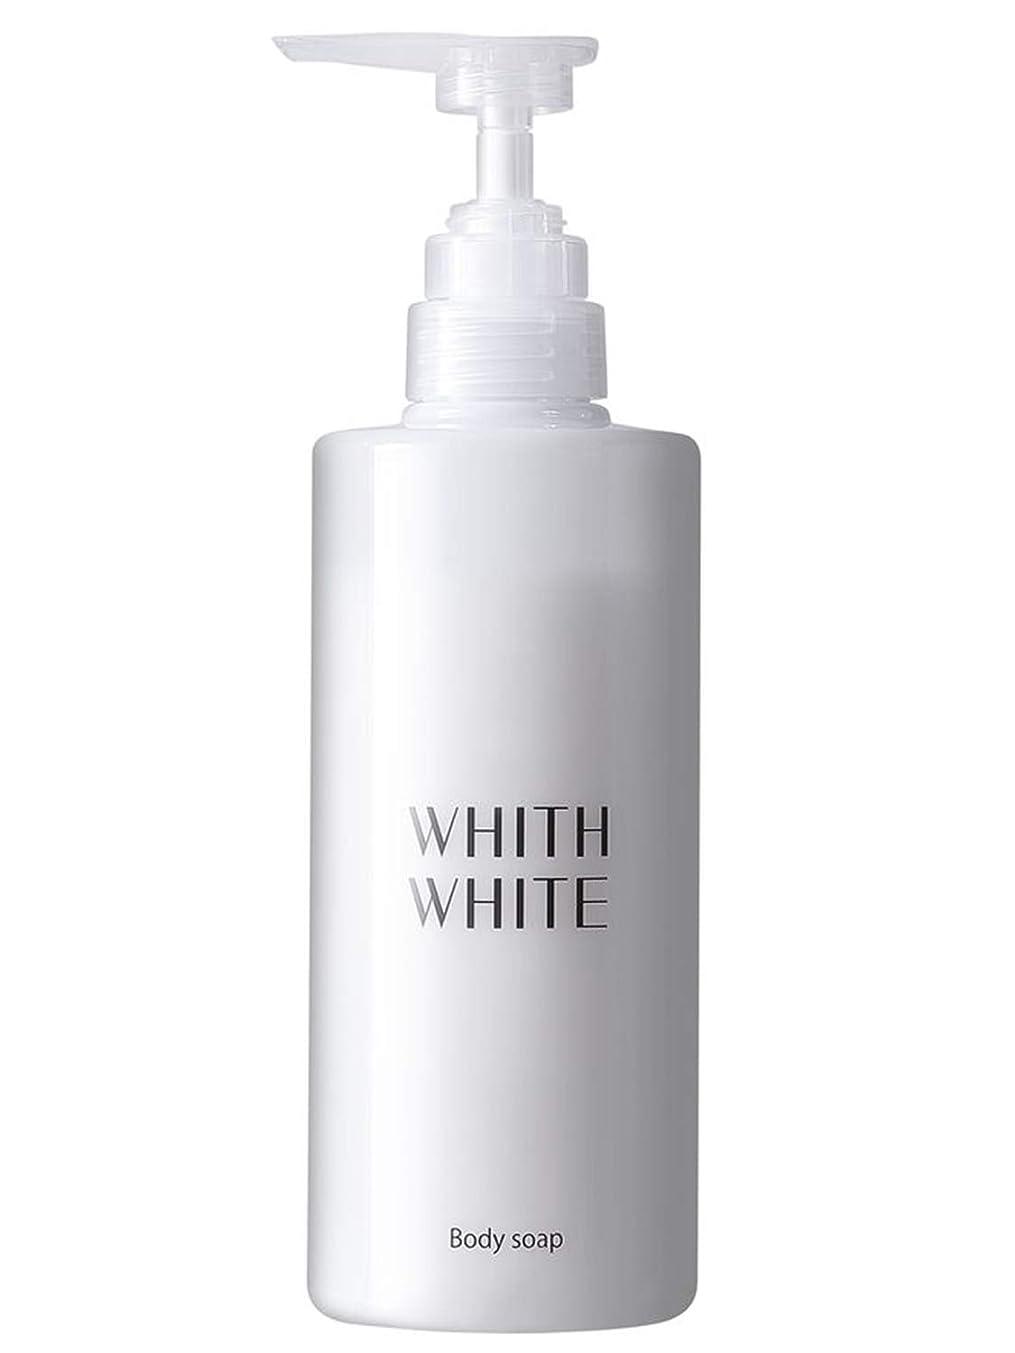 伝染性魅力暗黙フィス ホワイト ボディソープ 【 エレガントフローラルのいい香り 】 無添加 保湿 ボディーソープ 「 泡で黒ずみ さっぱり ボディシャンプー 」「 ヒアルロン酸 コラーゲン セラミド 配合」450ml